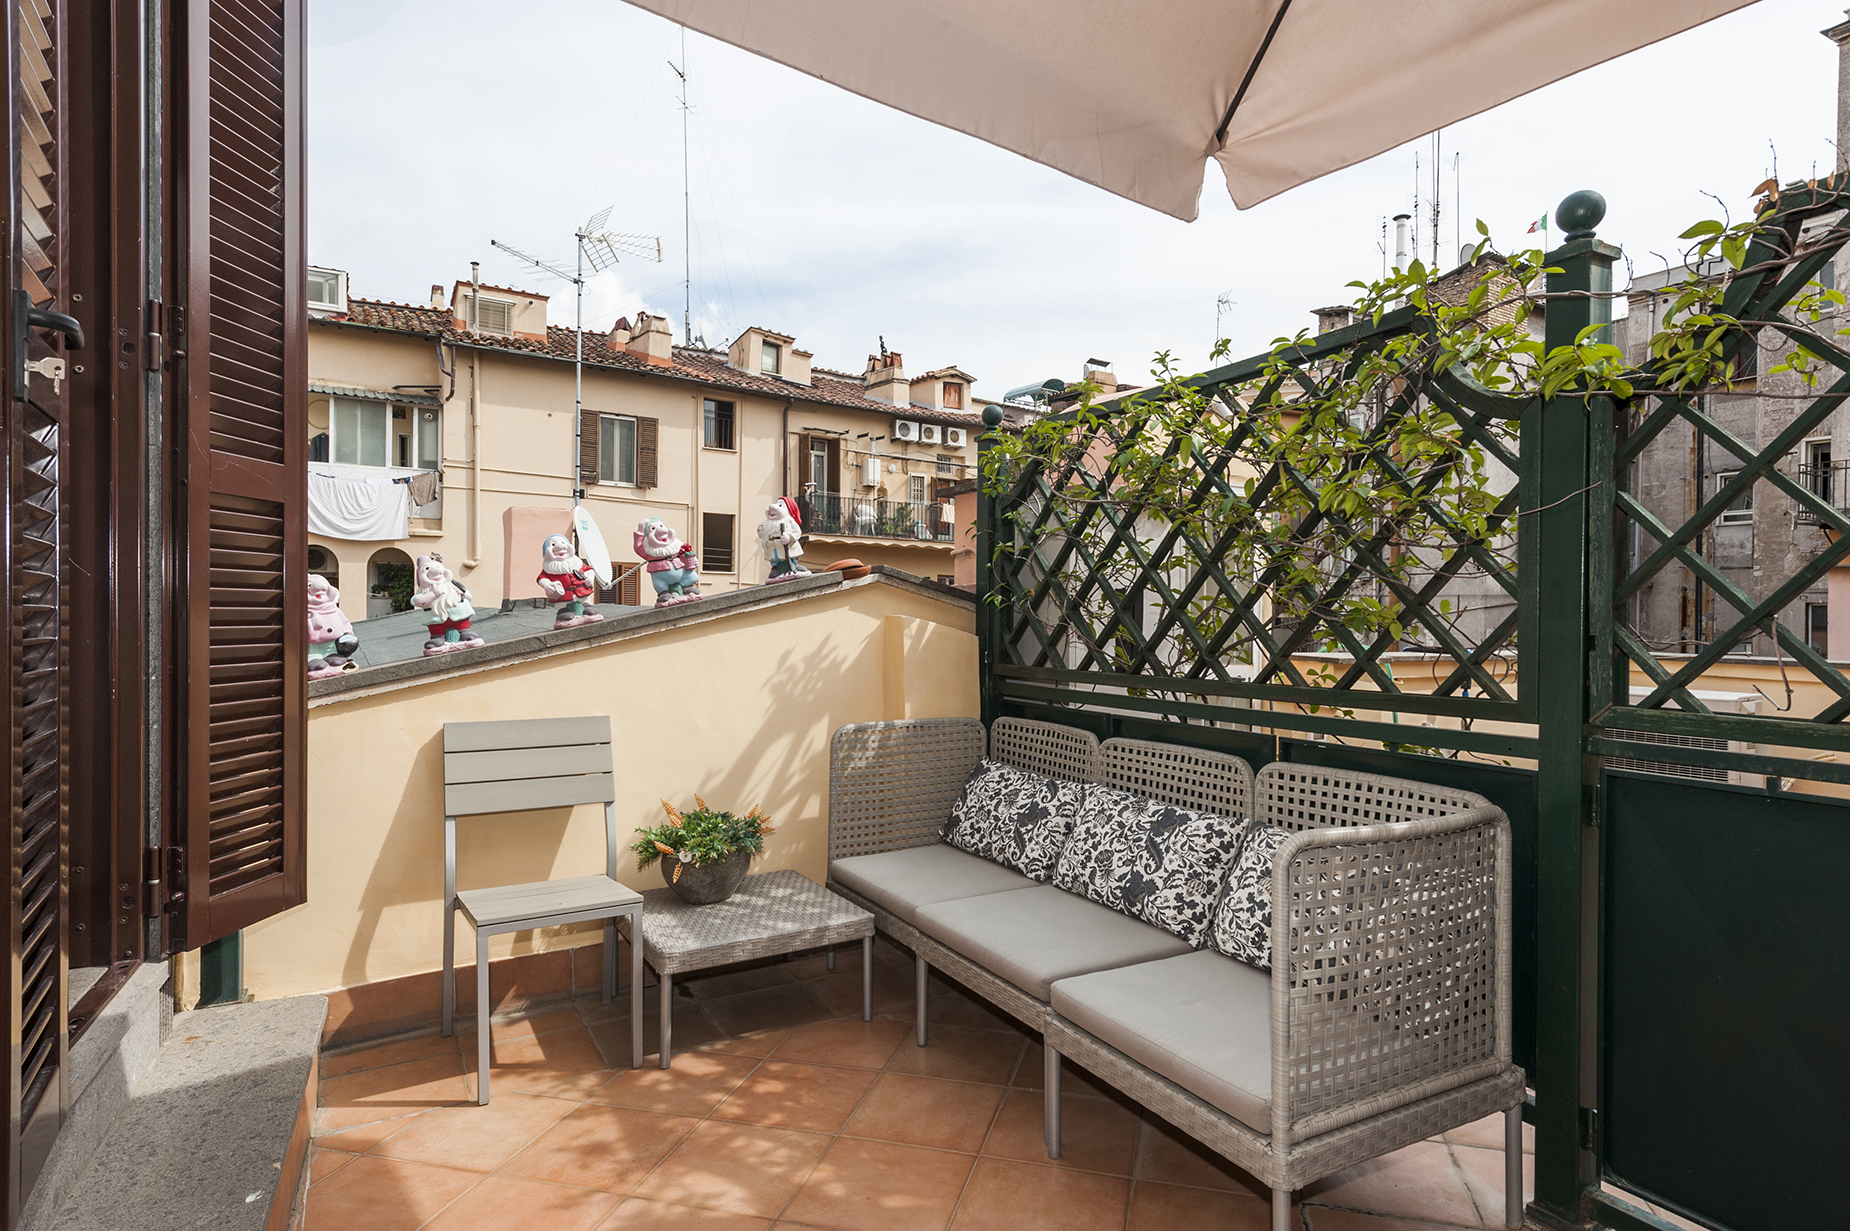 Appartamento di lusso in affitto a roma vico vicolo for Roma centro affitto